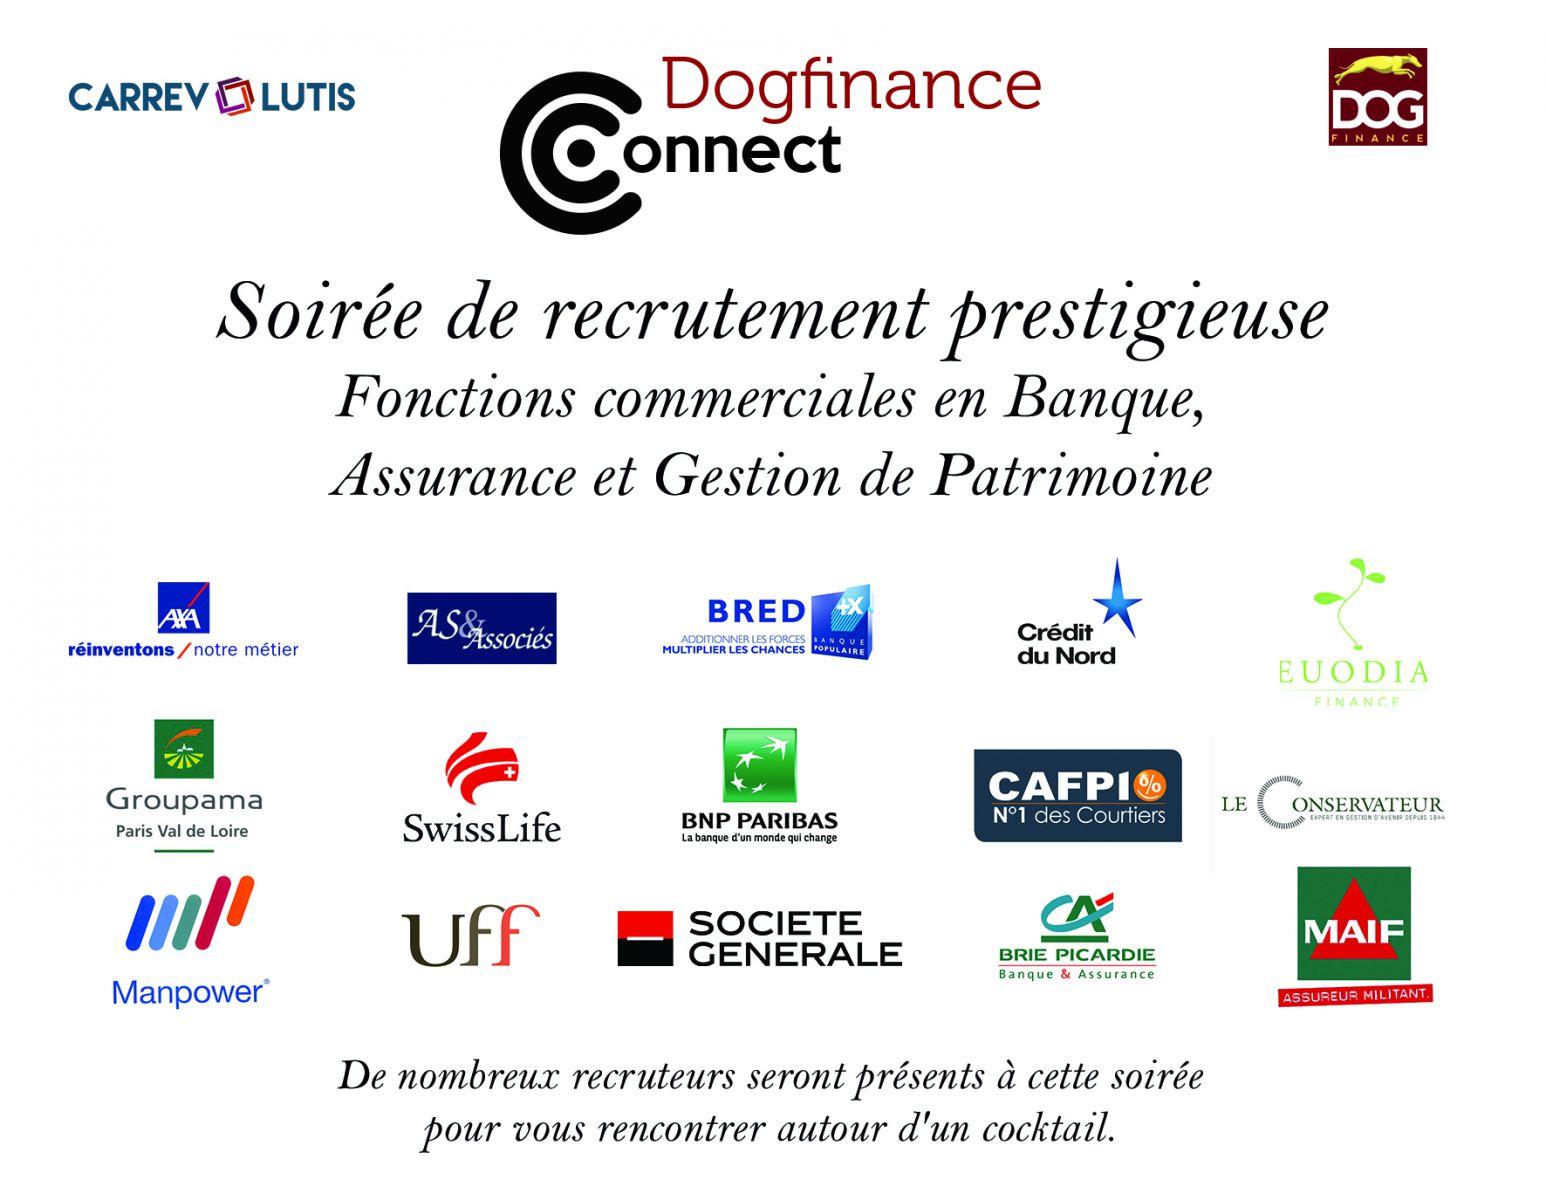 soir 233 e dogfinance connect sp 233 ciale fonctions commerciales en banque assurance et gestion de